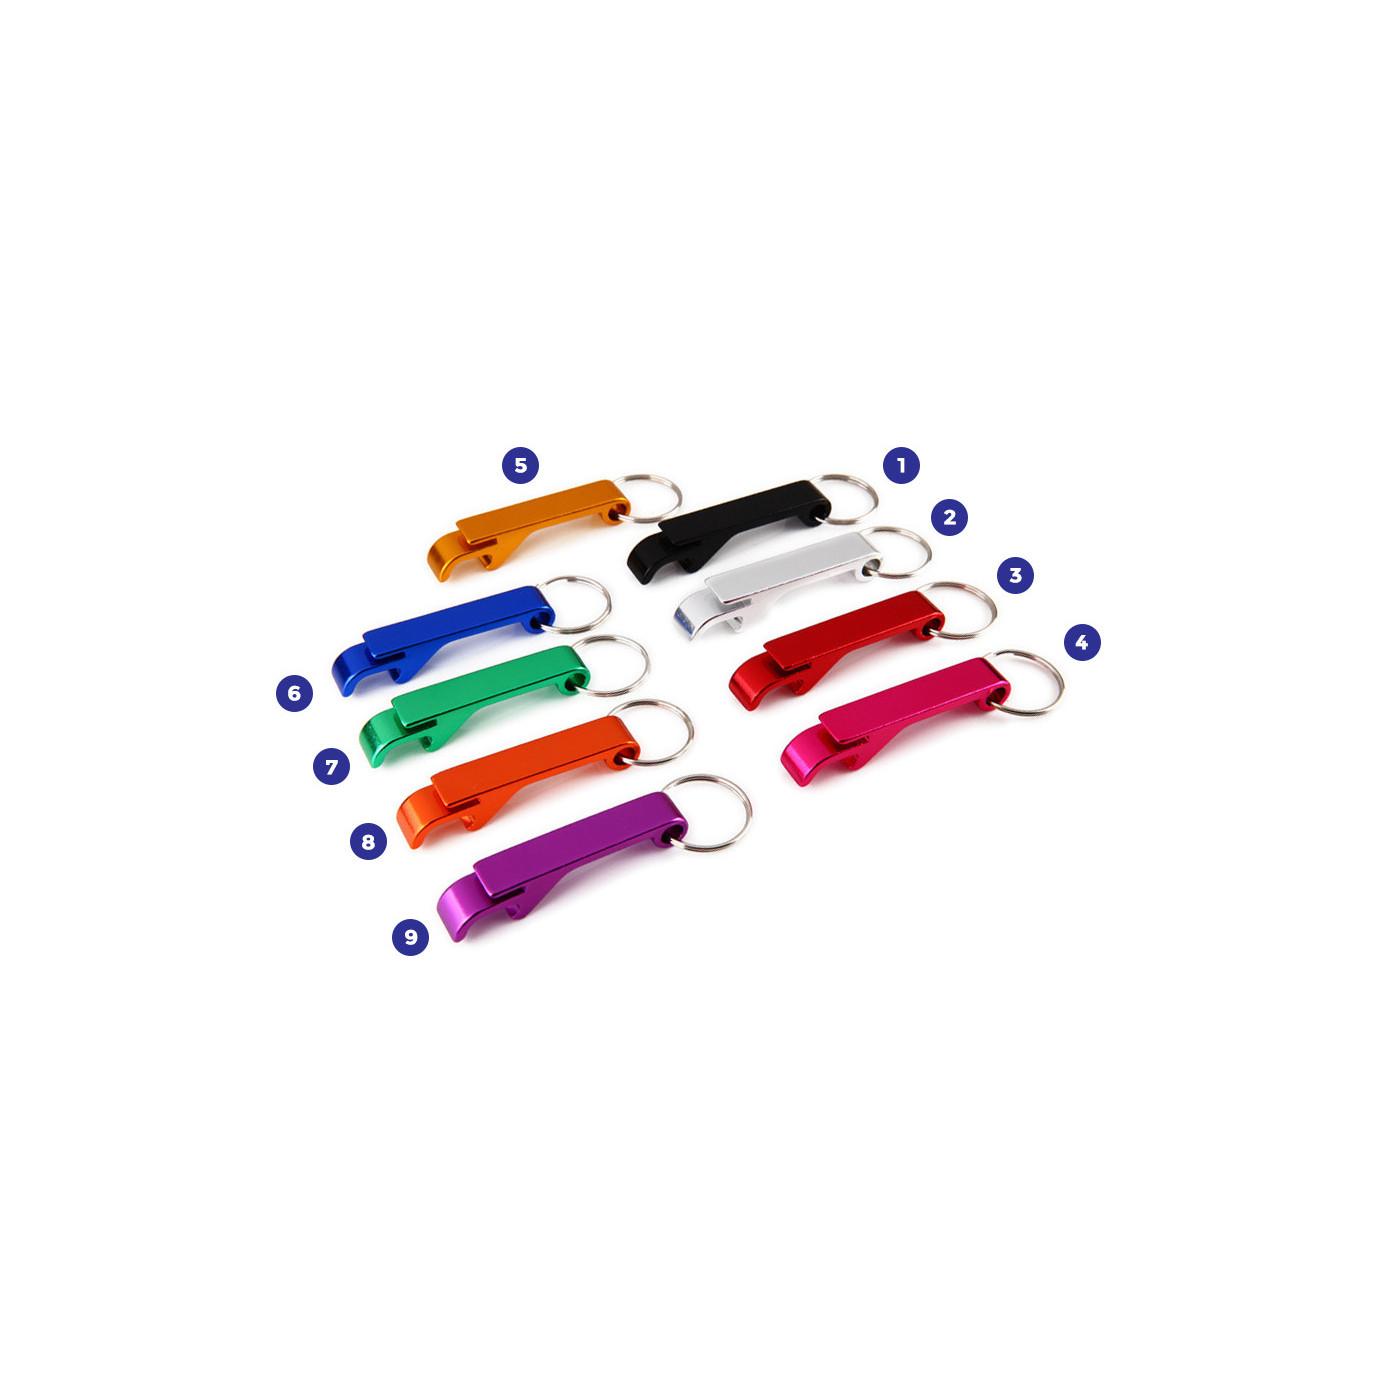 Zestaw 10 metalowych otwieraczy do butelek, kolor 9: fioletowy  - 1